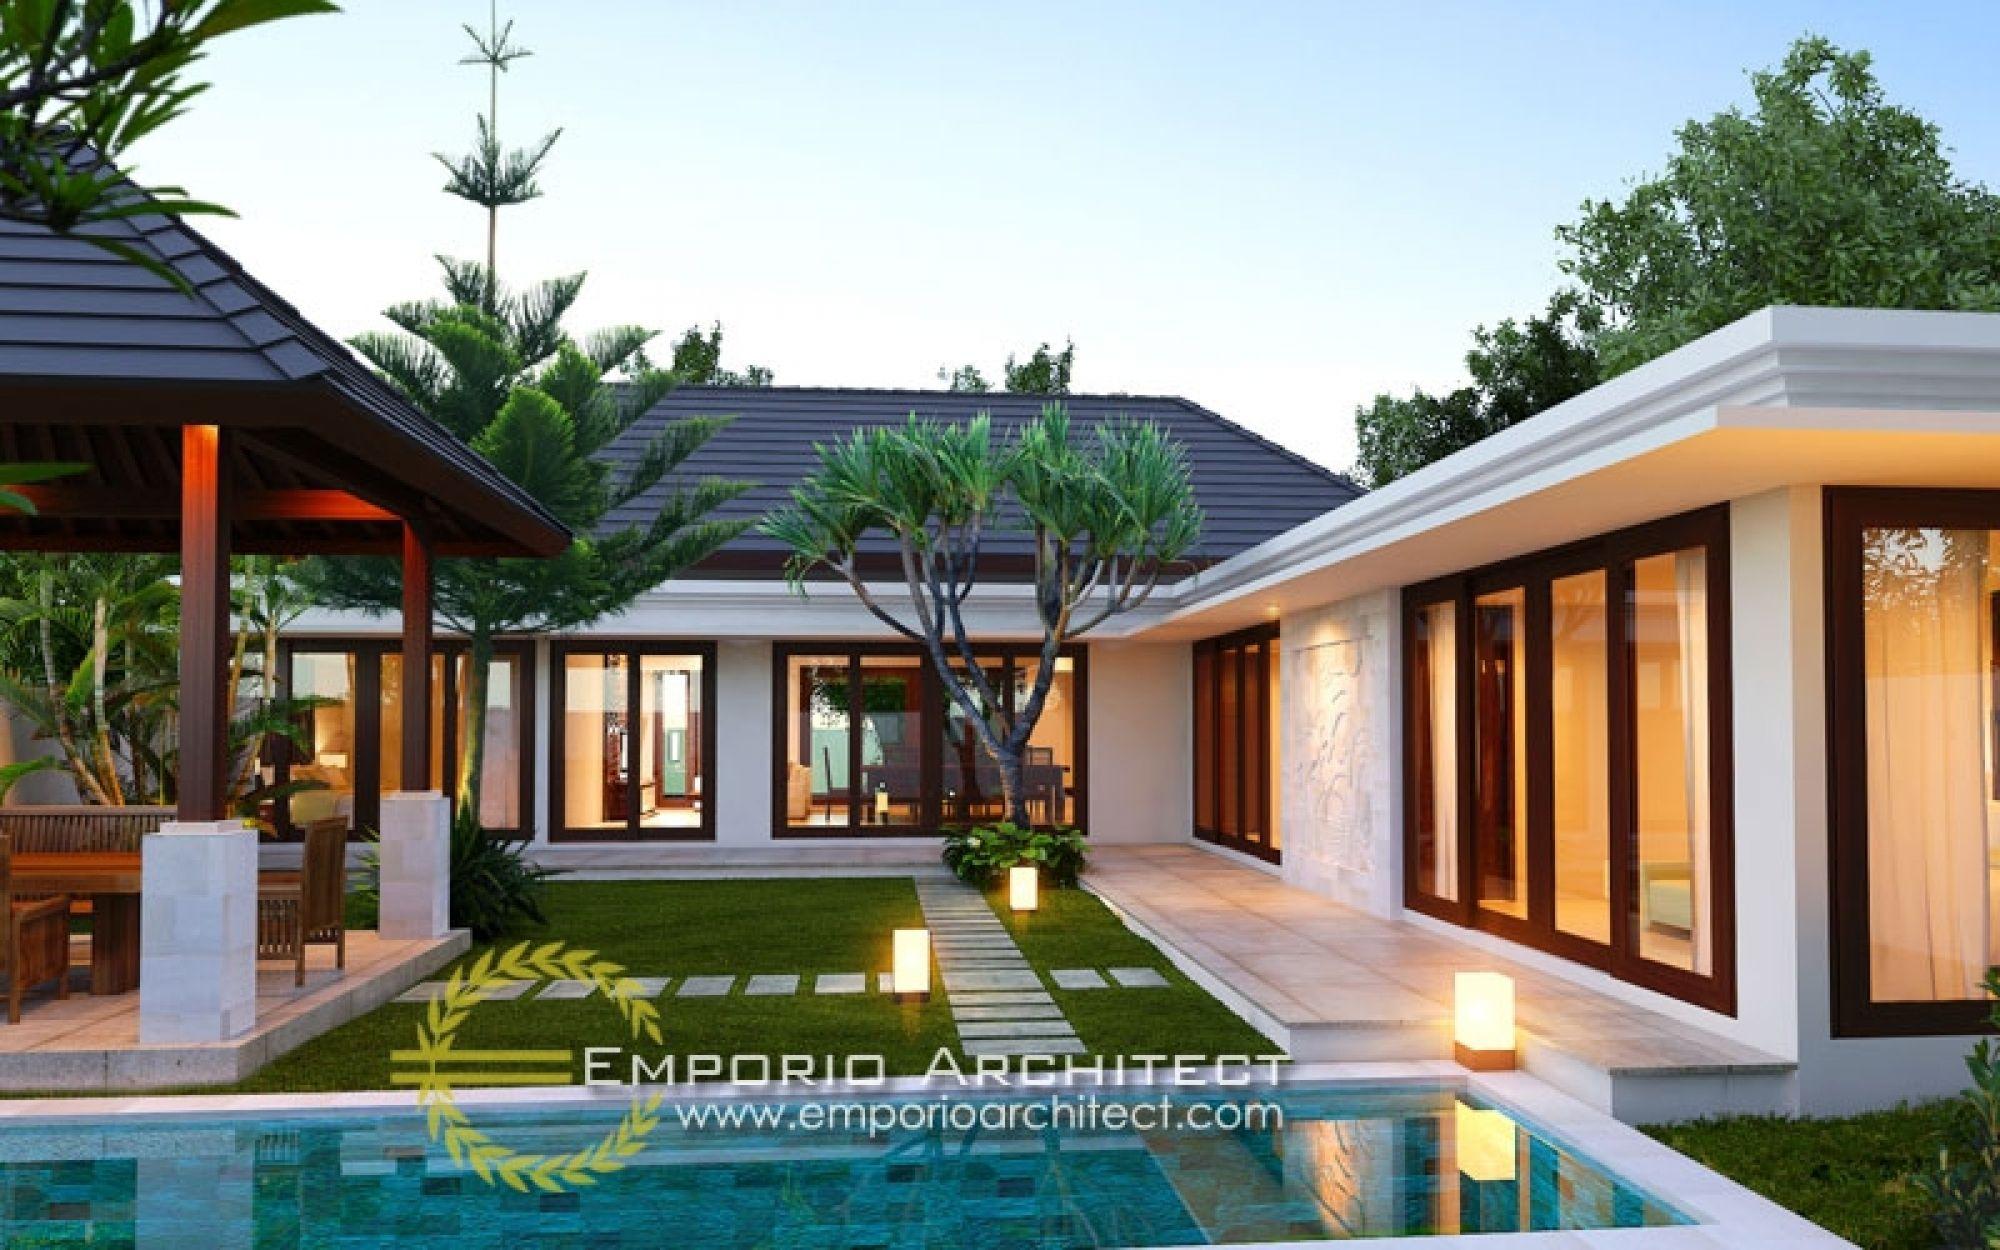 Desain Villa Sandy Jasa Arsitek Desain Rumah Berkualitas Desain Villa Bali Modern Tropis Profesional Berpengalaman Dari Empor Arsitektur Desain Rumah Arsitek